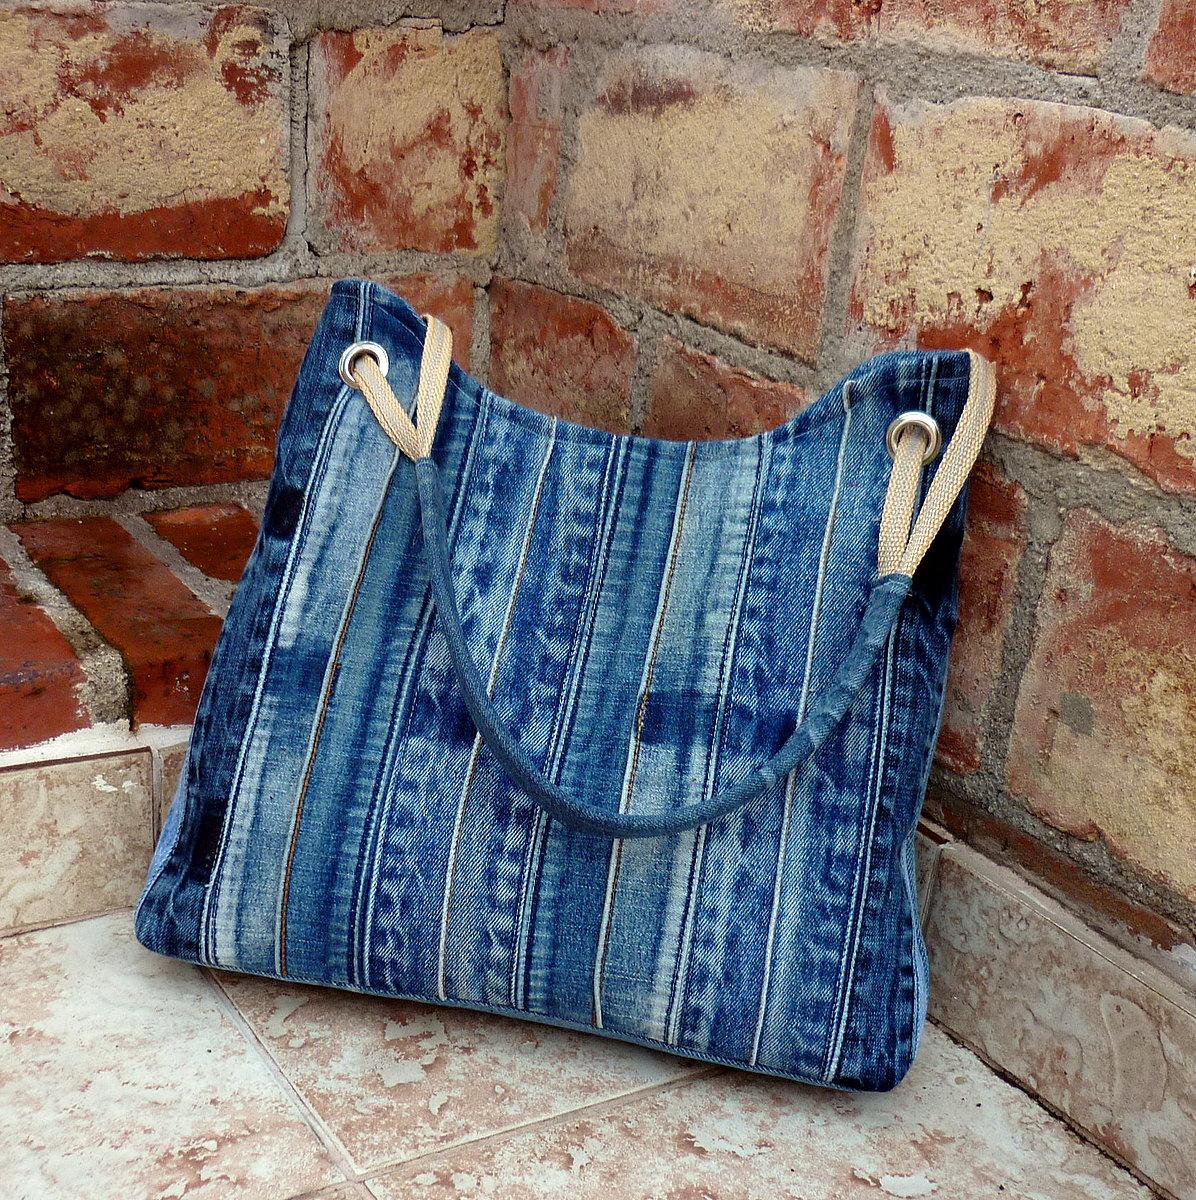 Джинсовые сумки из старых джинсов своими руками